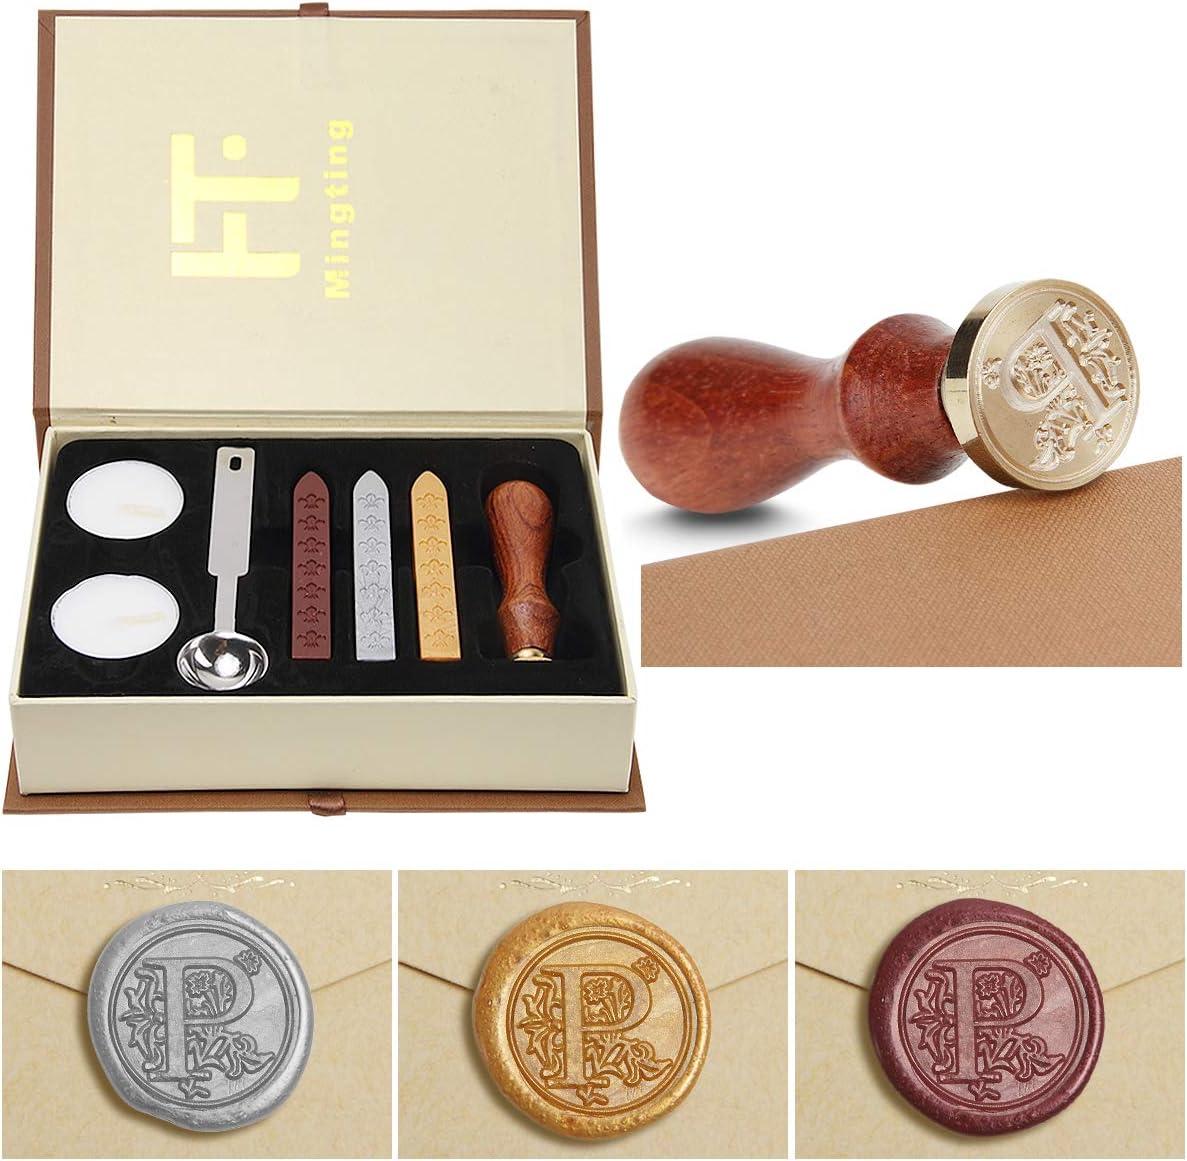 Siegelwachs-Set Siegelstempel mit Wachs PUQU Geschenk-Box Vintage-Initialen A bis Z